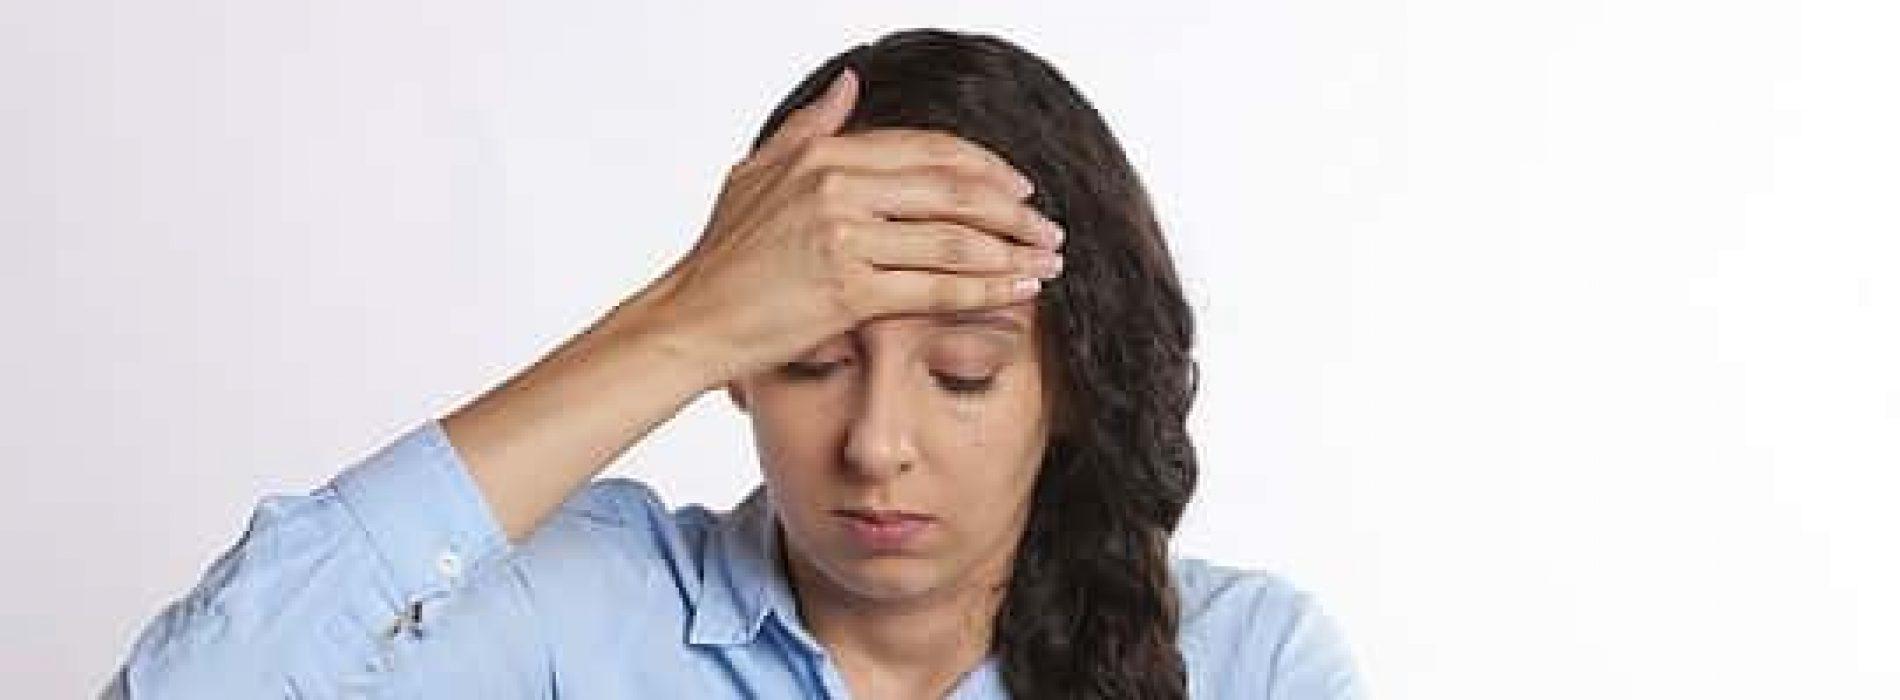 Hva er Cluster-hodepine / Klasehodepine?